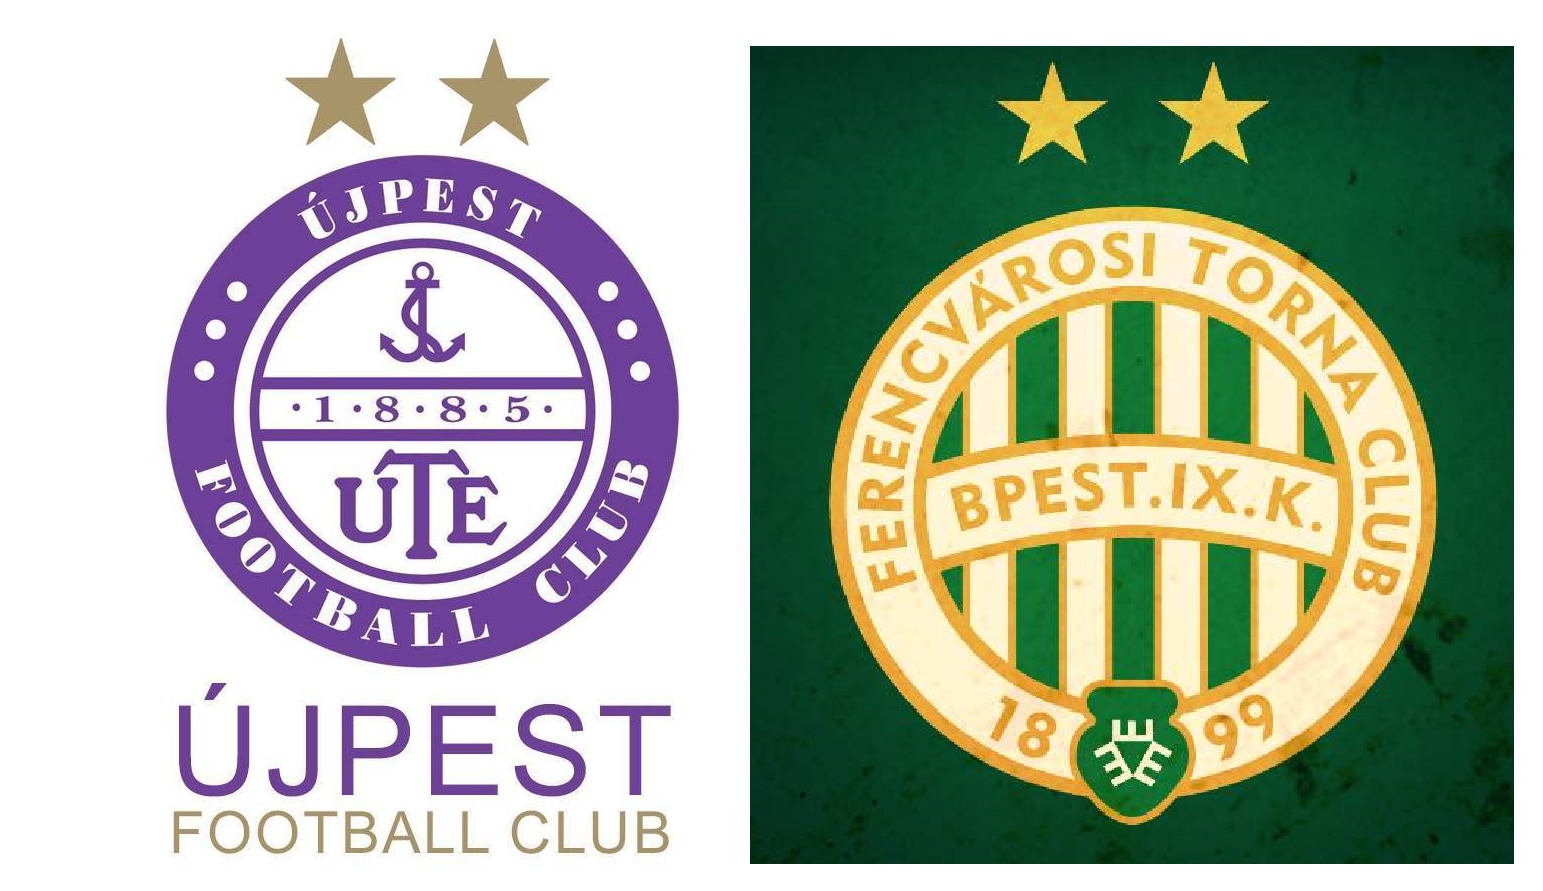 újpest-ferencváros-badges